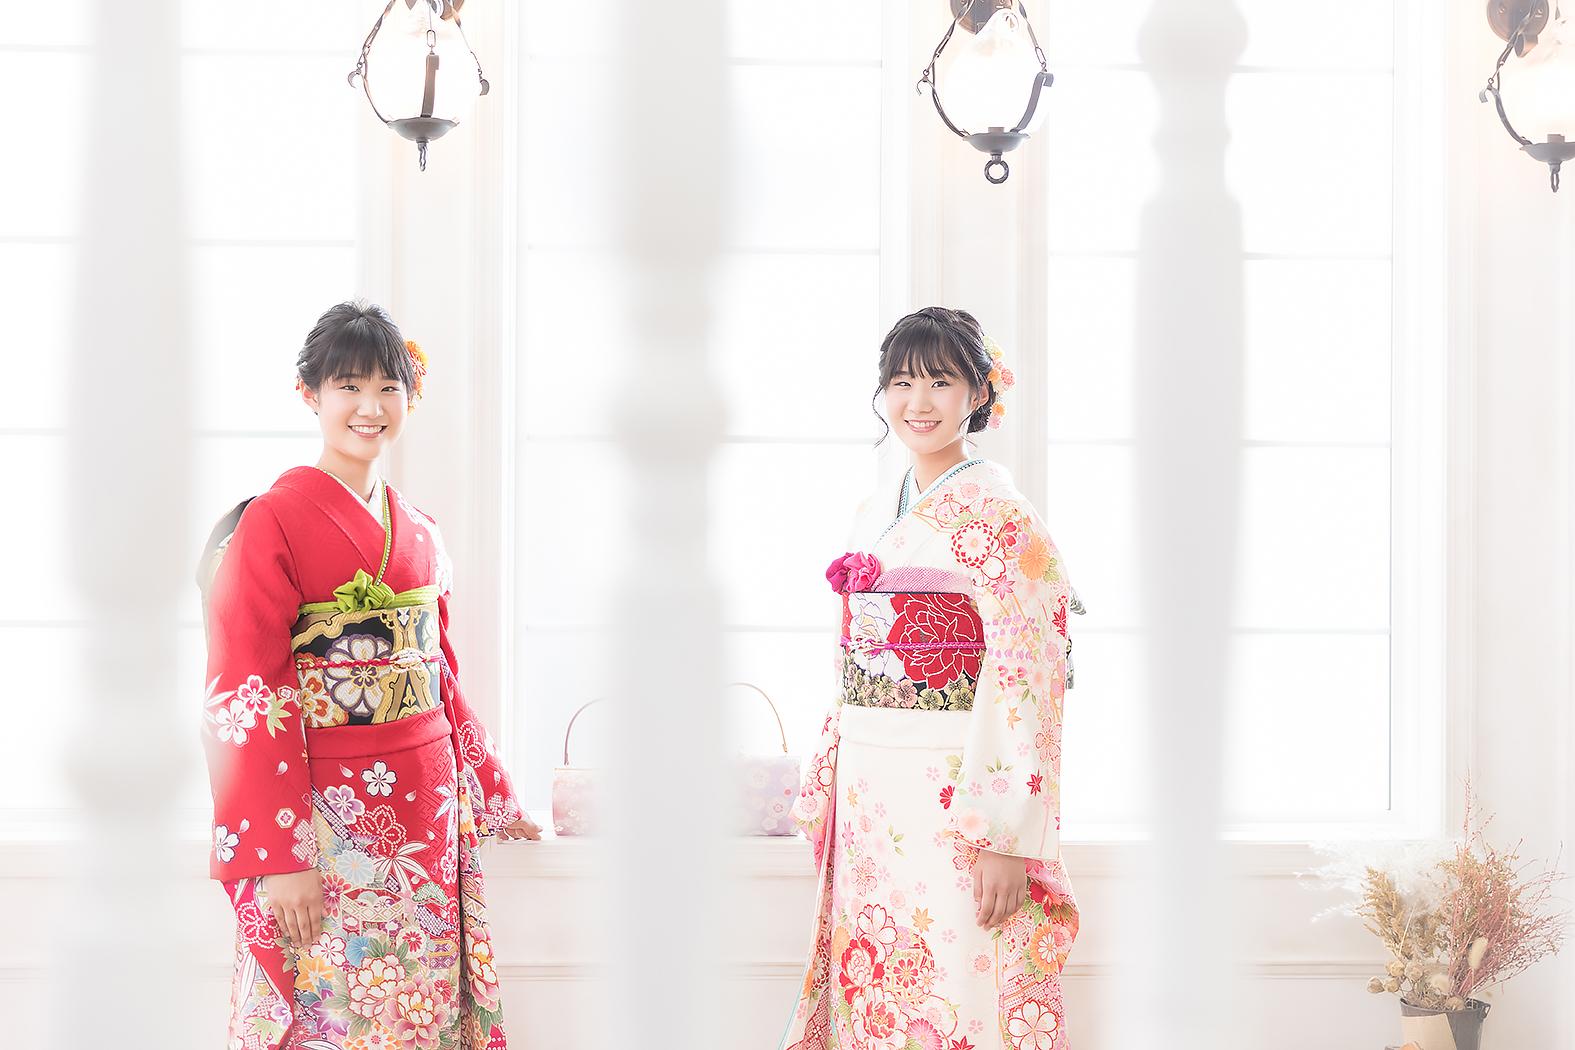 美人姉妹 双子 成人振袖